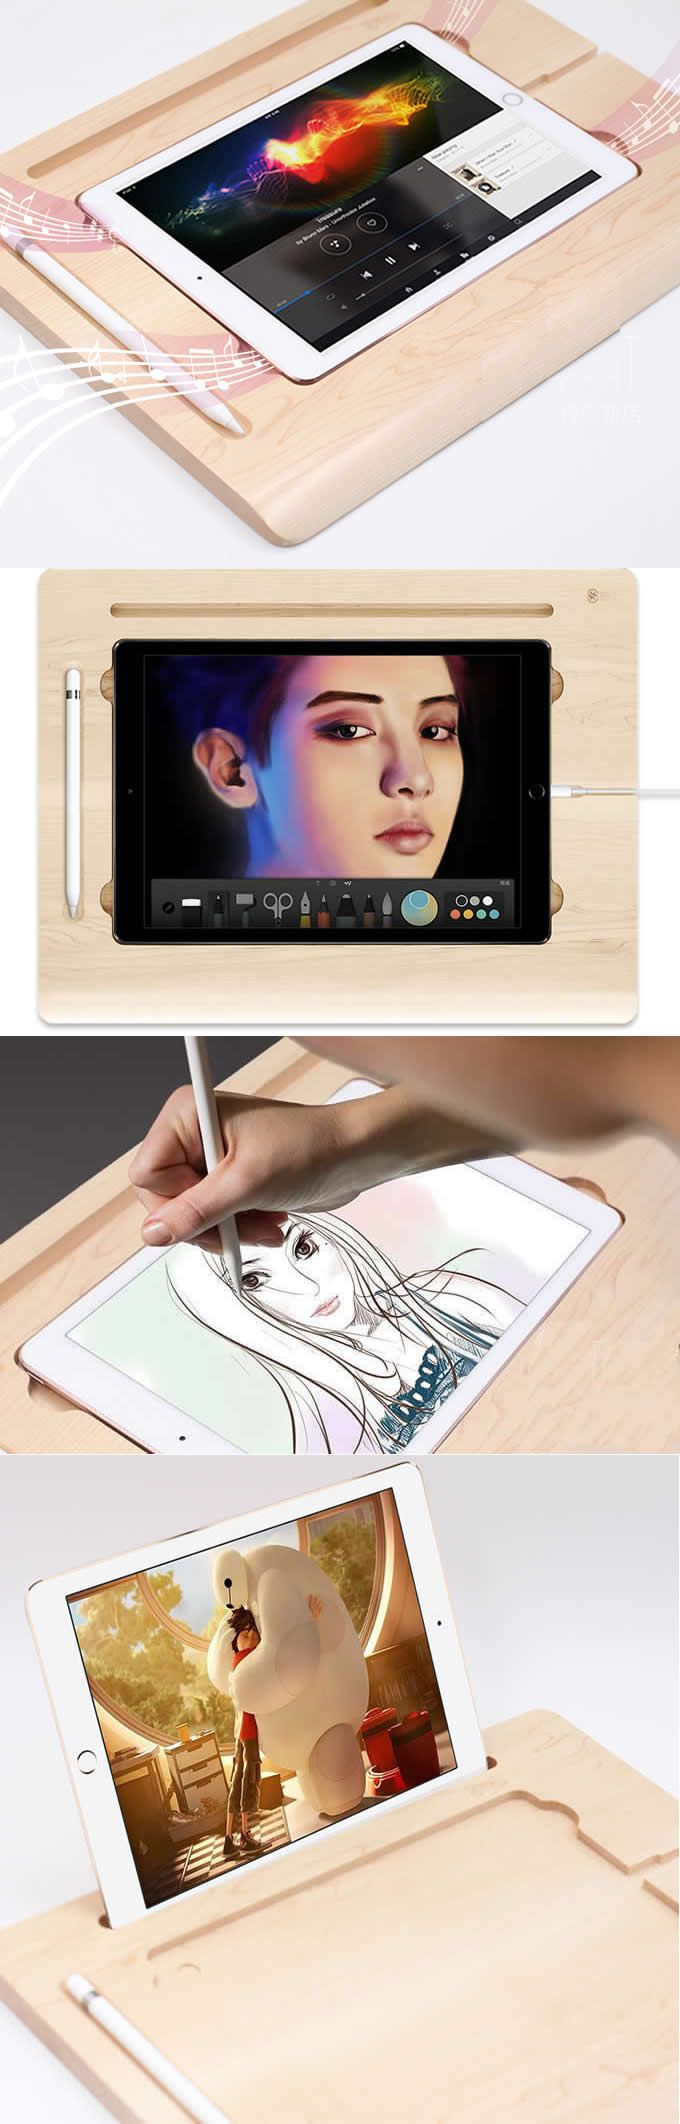 Wooden Apple  iPad Pro Mobile Lap Desk Holder Desk Canvas Smart Board Drawing Desk  Organizer  Charging Station Dock